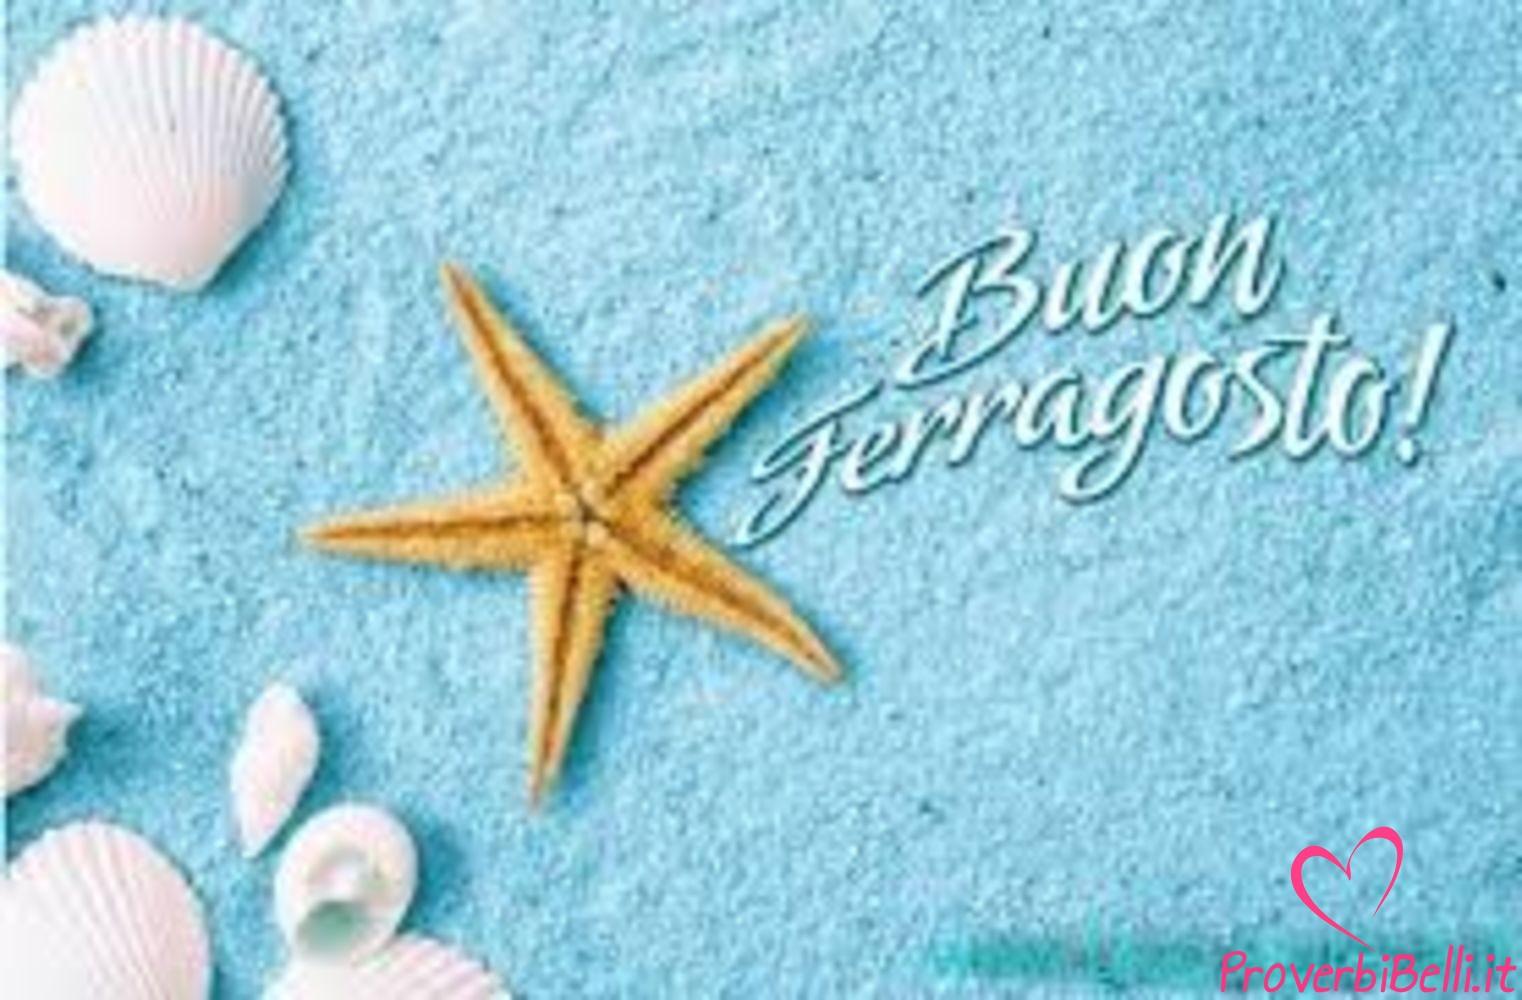 Ferragosto-Immagini-Whatsapp-Belle-65